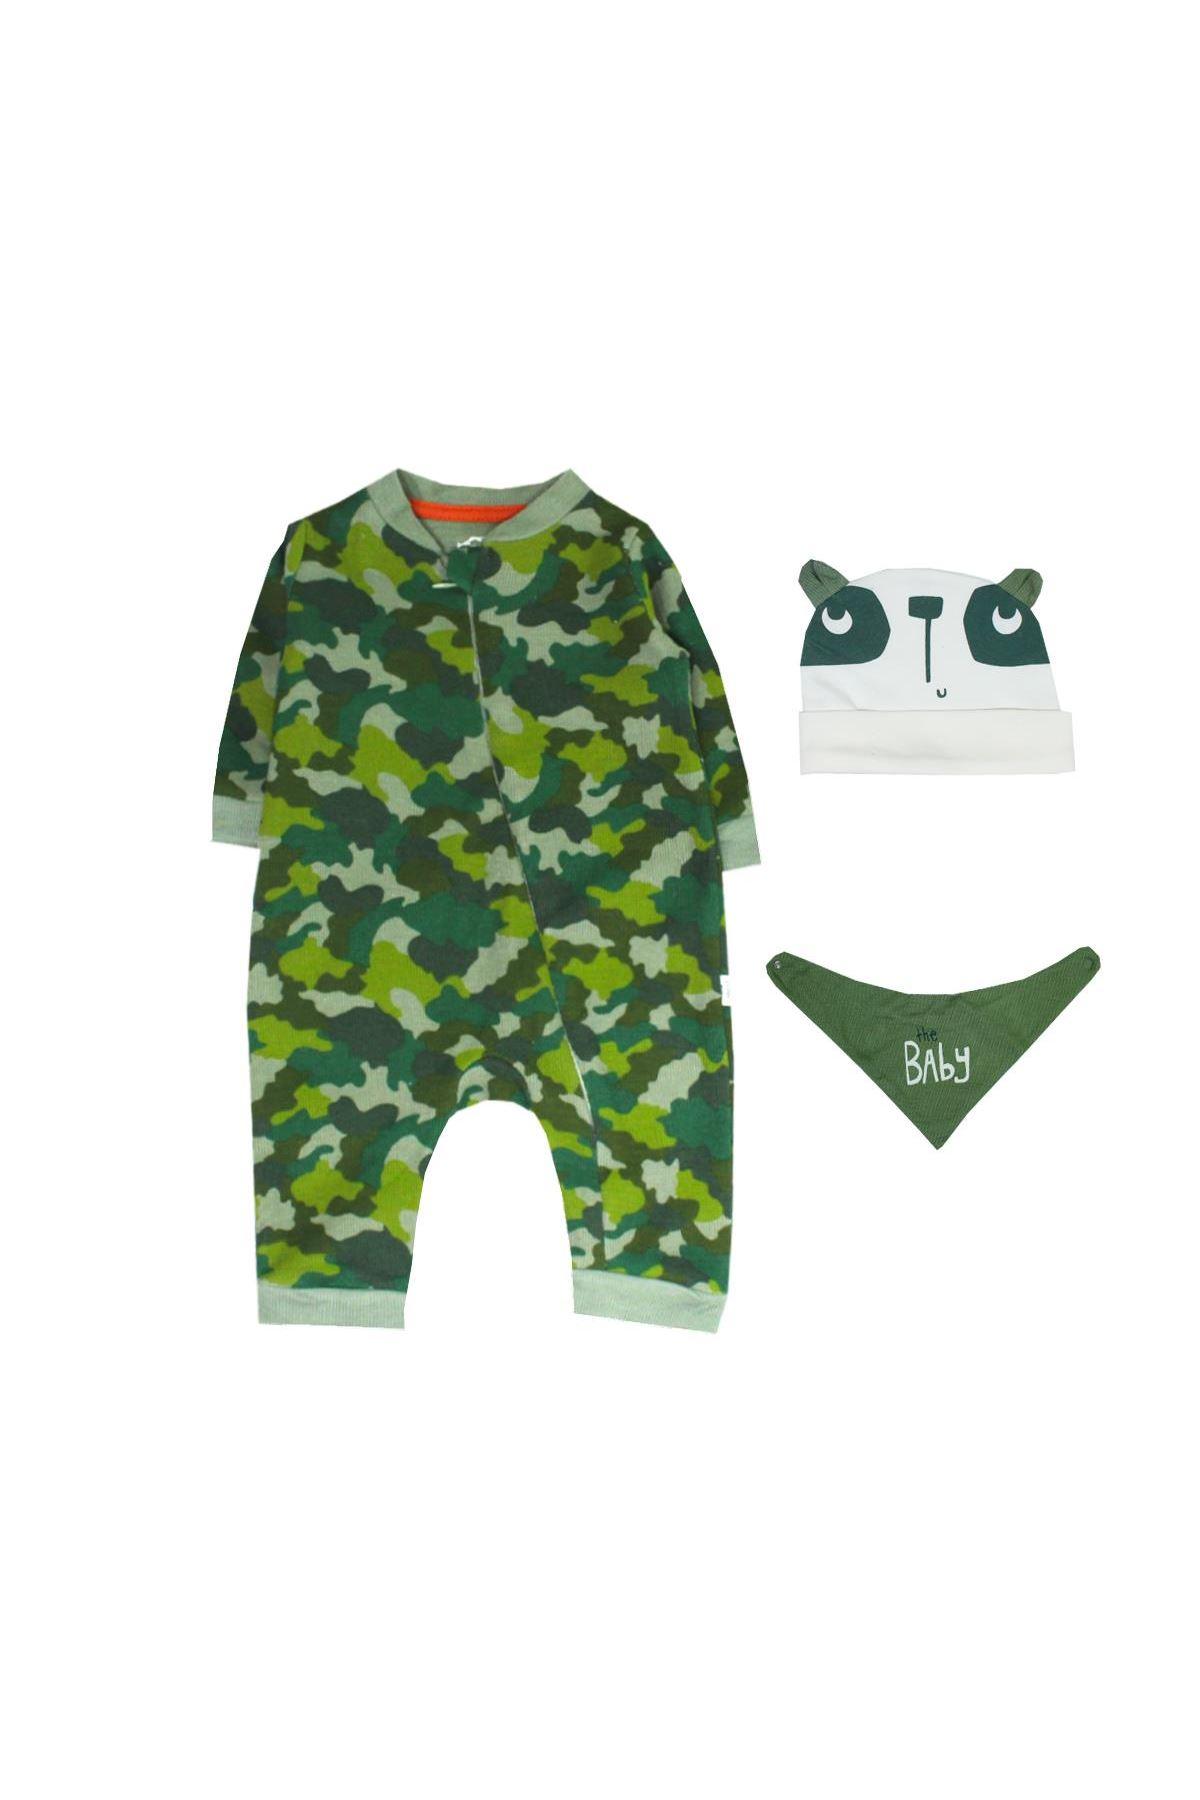 Tongs Baby Fermuarlı Bebe Tulum 2681 Yeşil